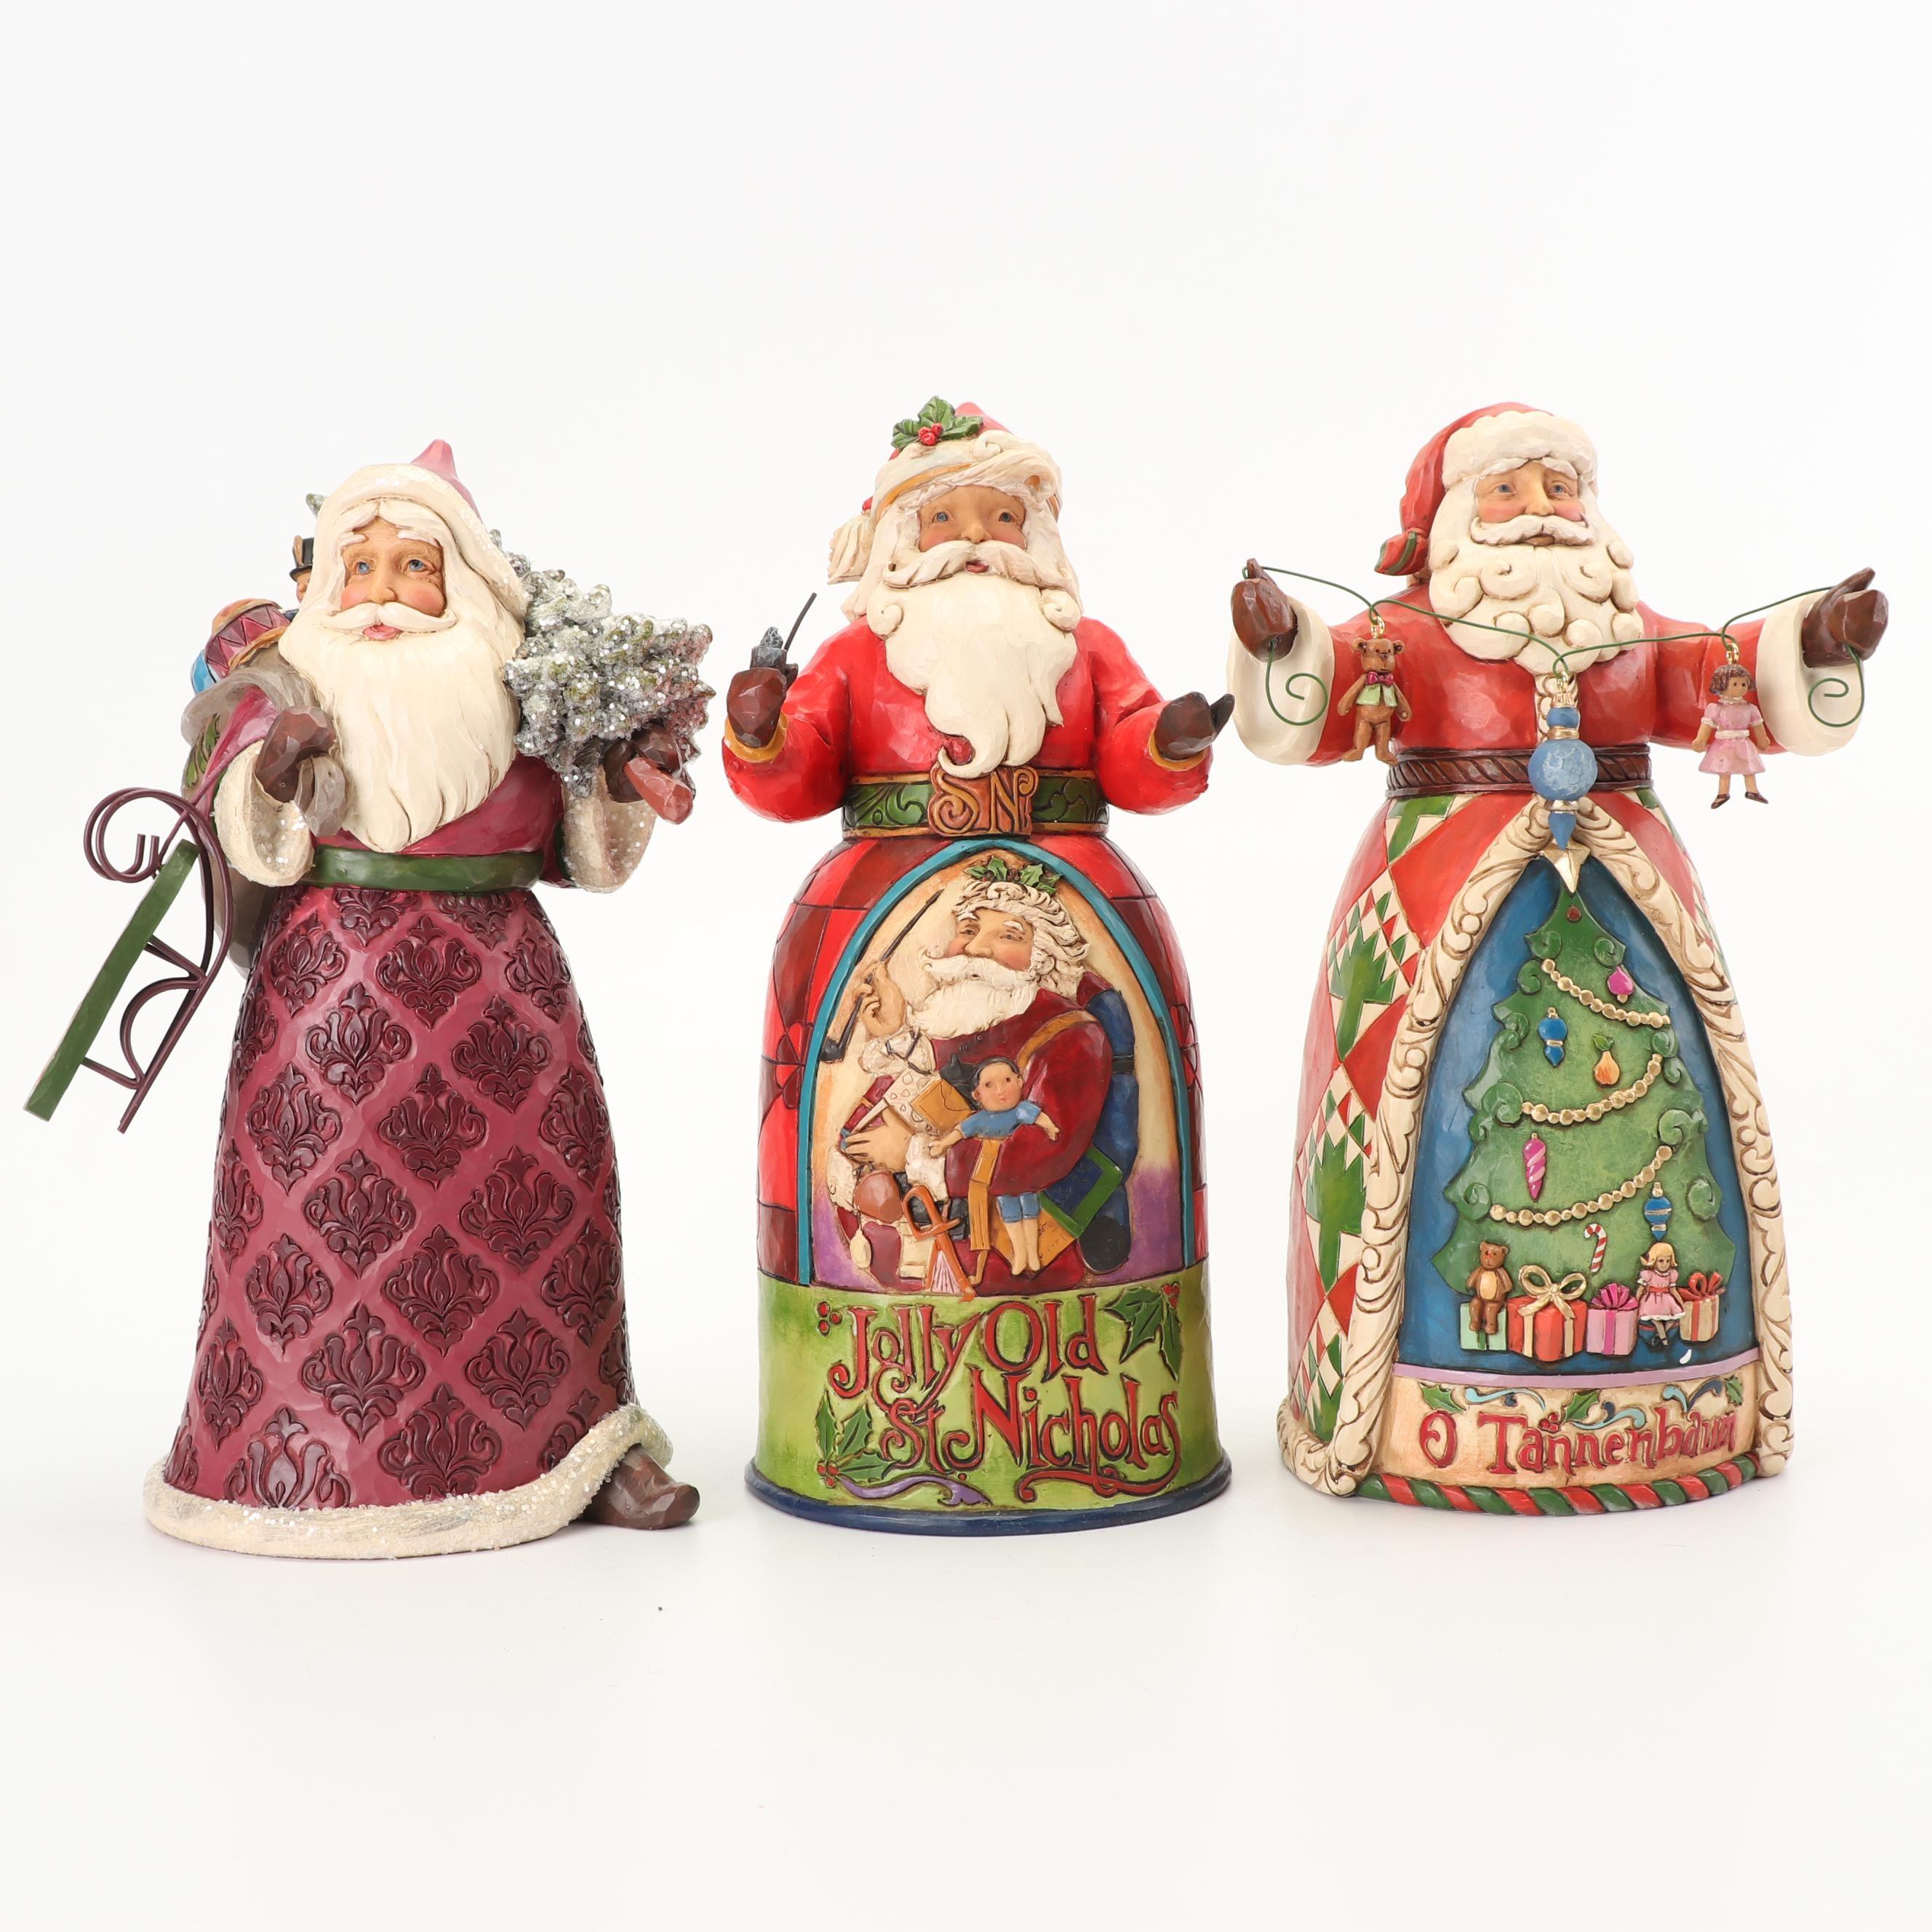 Jim Shore Heartwood Creek Santa Claus Figurines